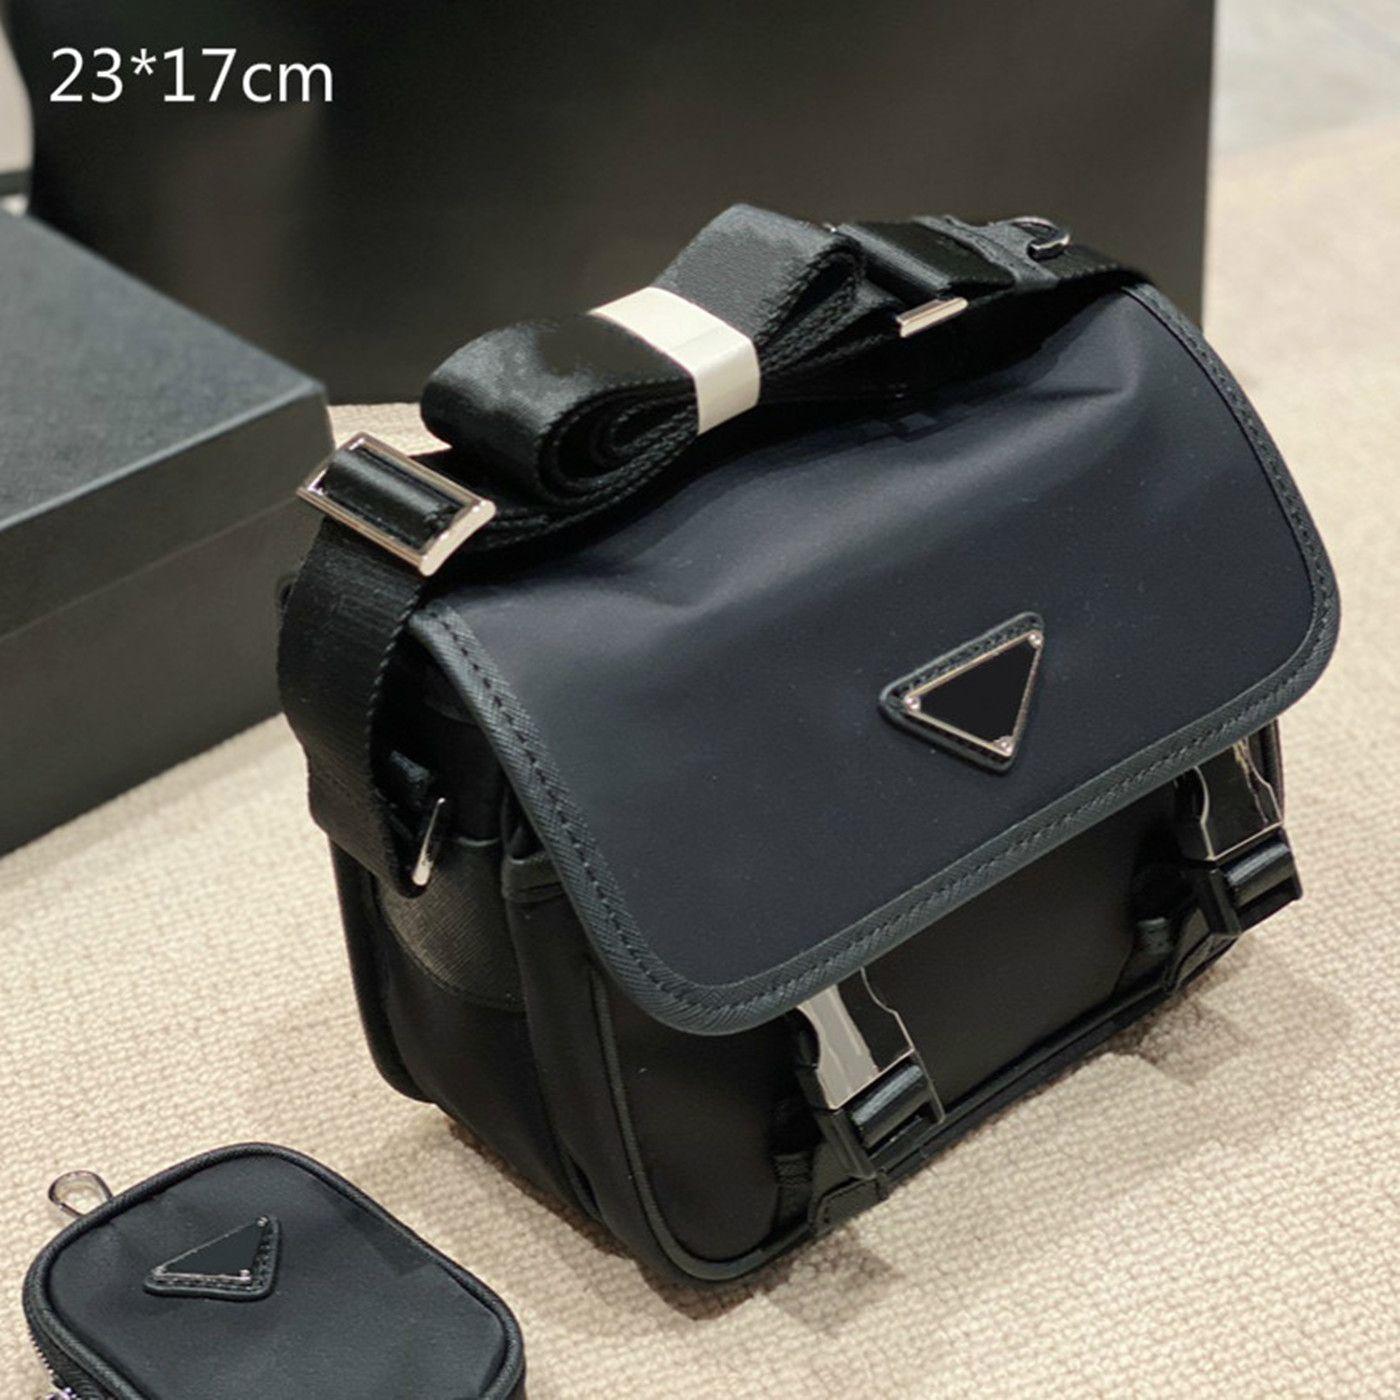 2021 مصمم رجل أسود حقائب جلدية العلامة التجارية حقائب الكتف crossbody النايلون رسول حقيبة 2 قطعة المحافظ عارضة نمط مع محفظة صغيرة مثلث 2 أنماط